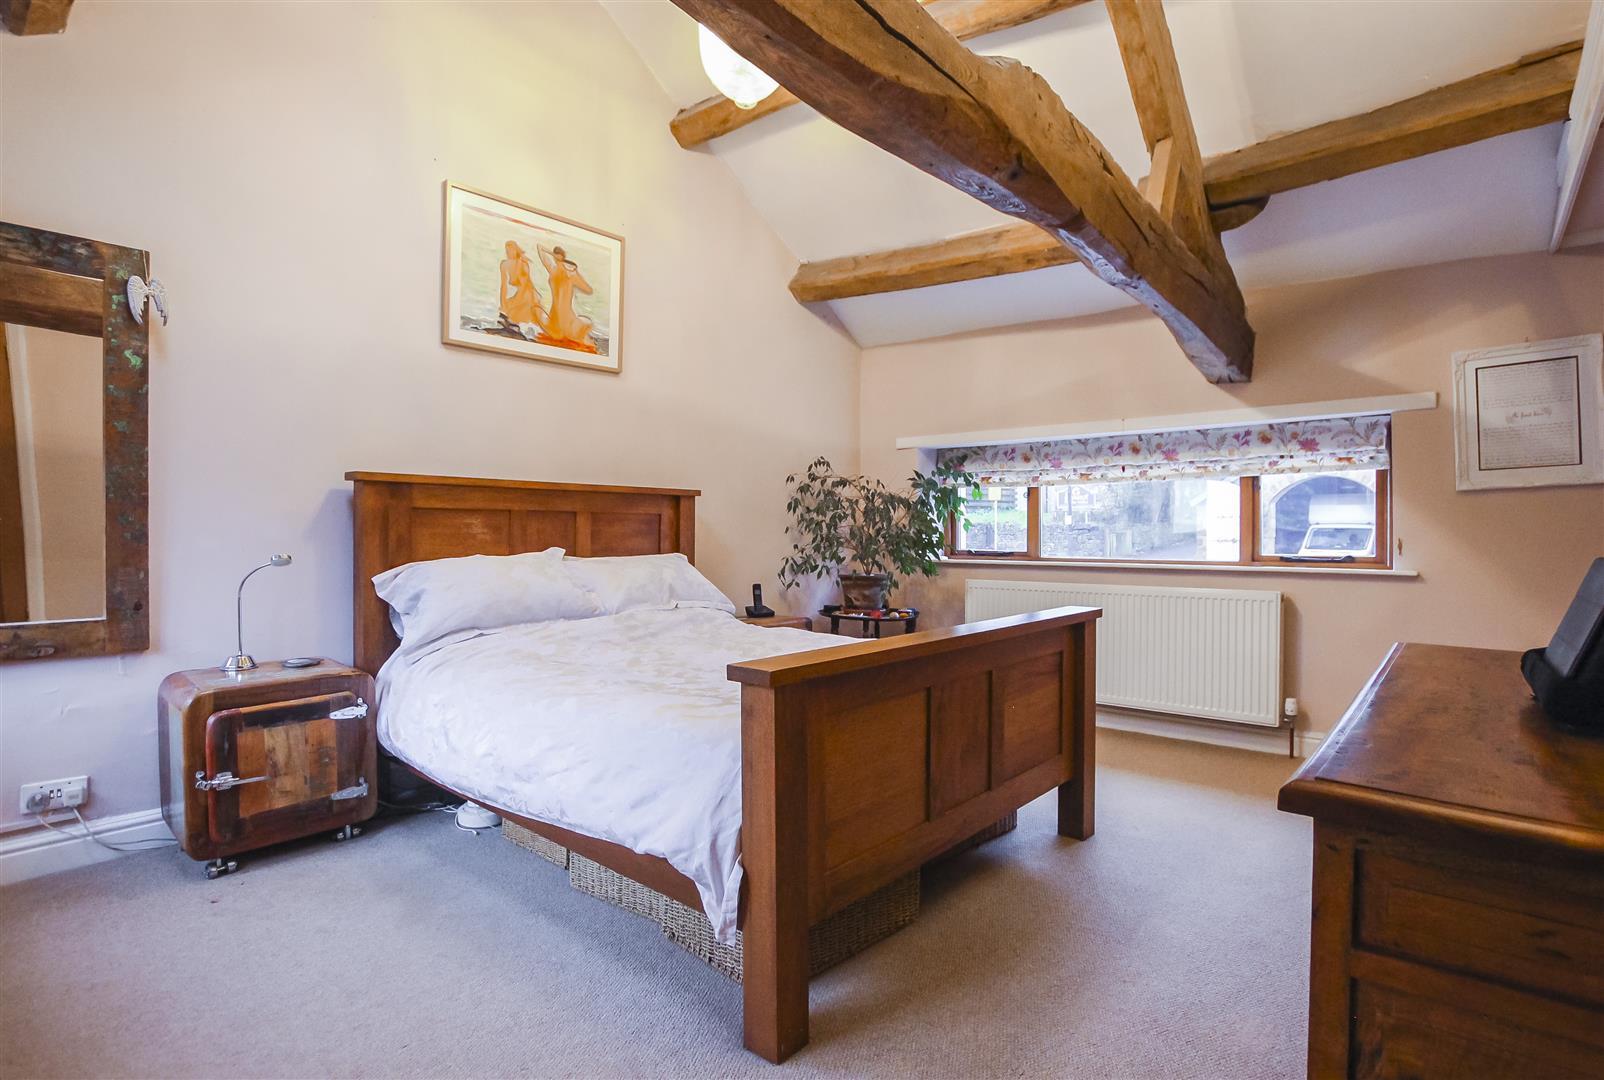 2 Bedroom Cottage For Sale - Main Bedrrom